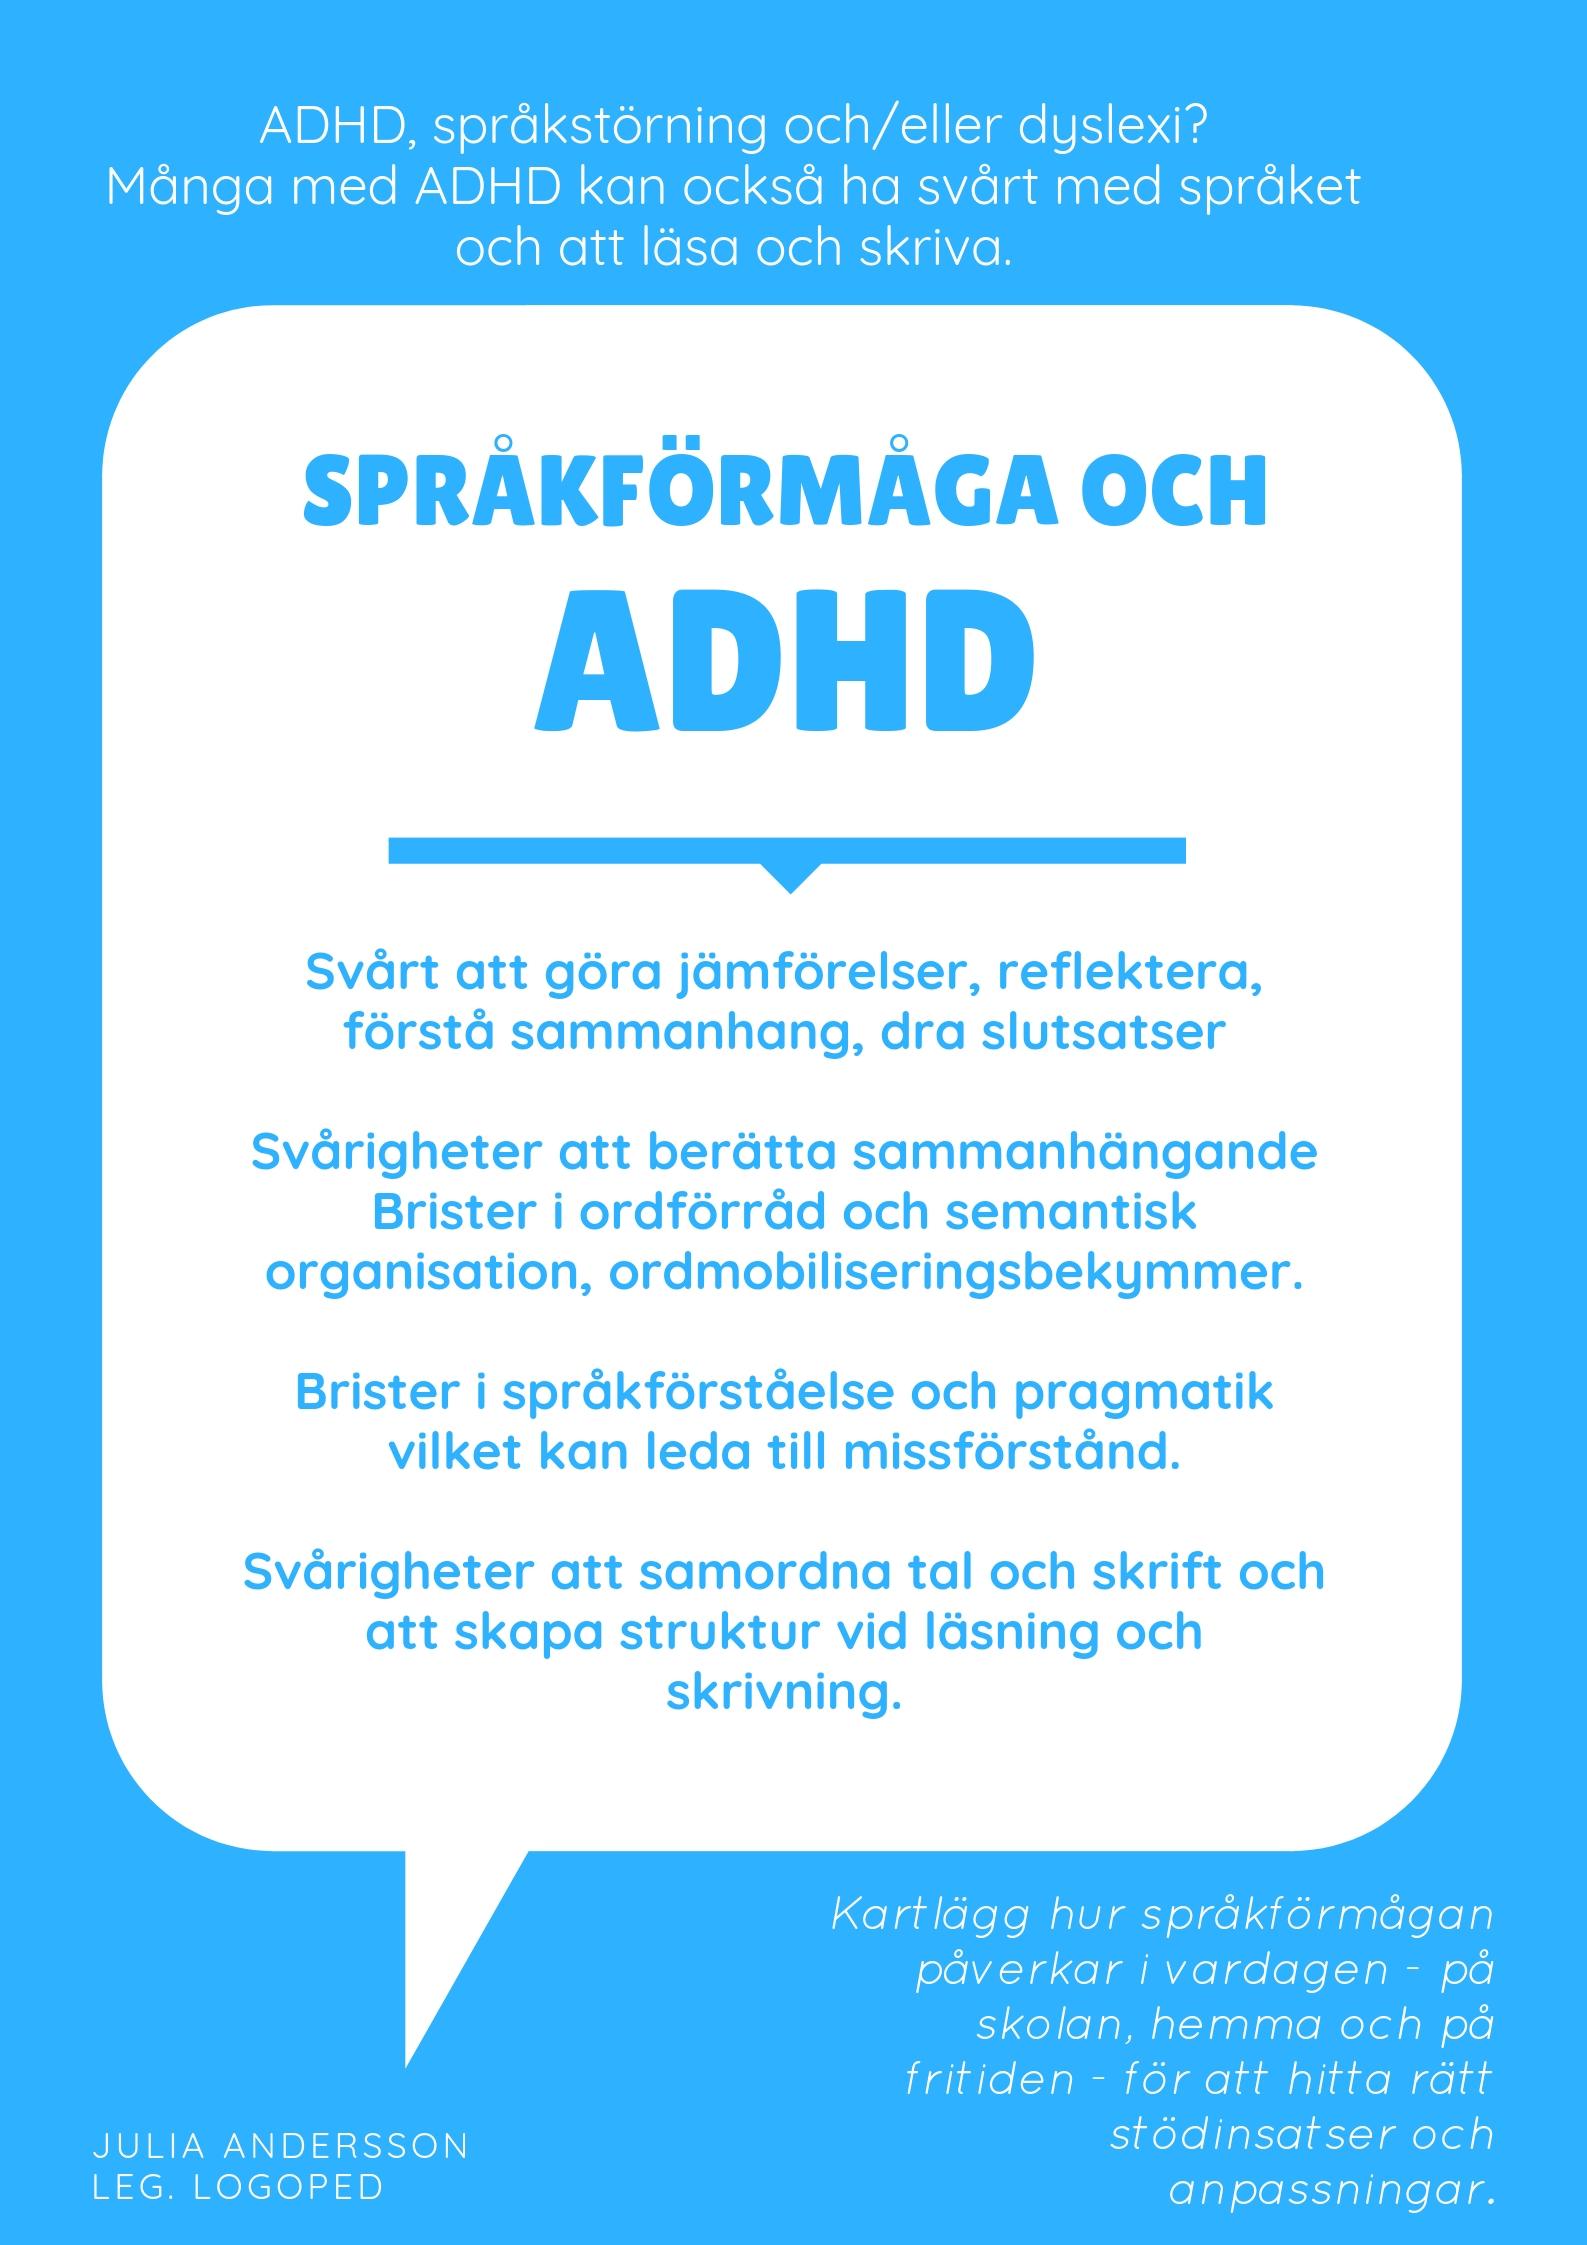 ADHD och språkförmåga